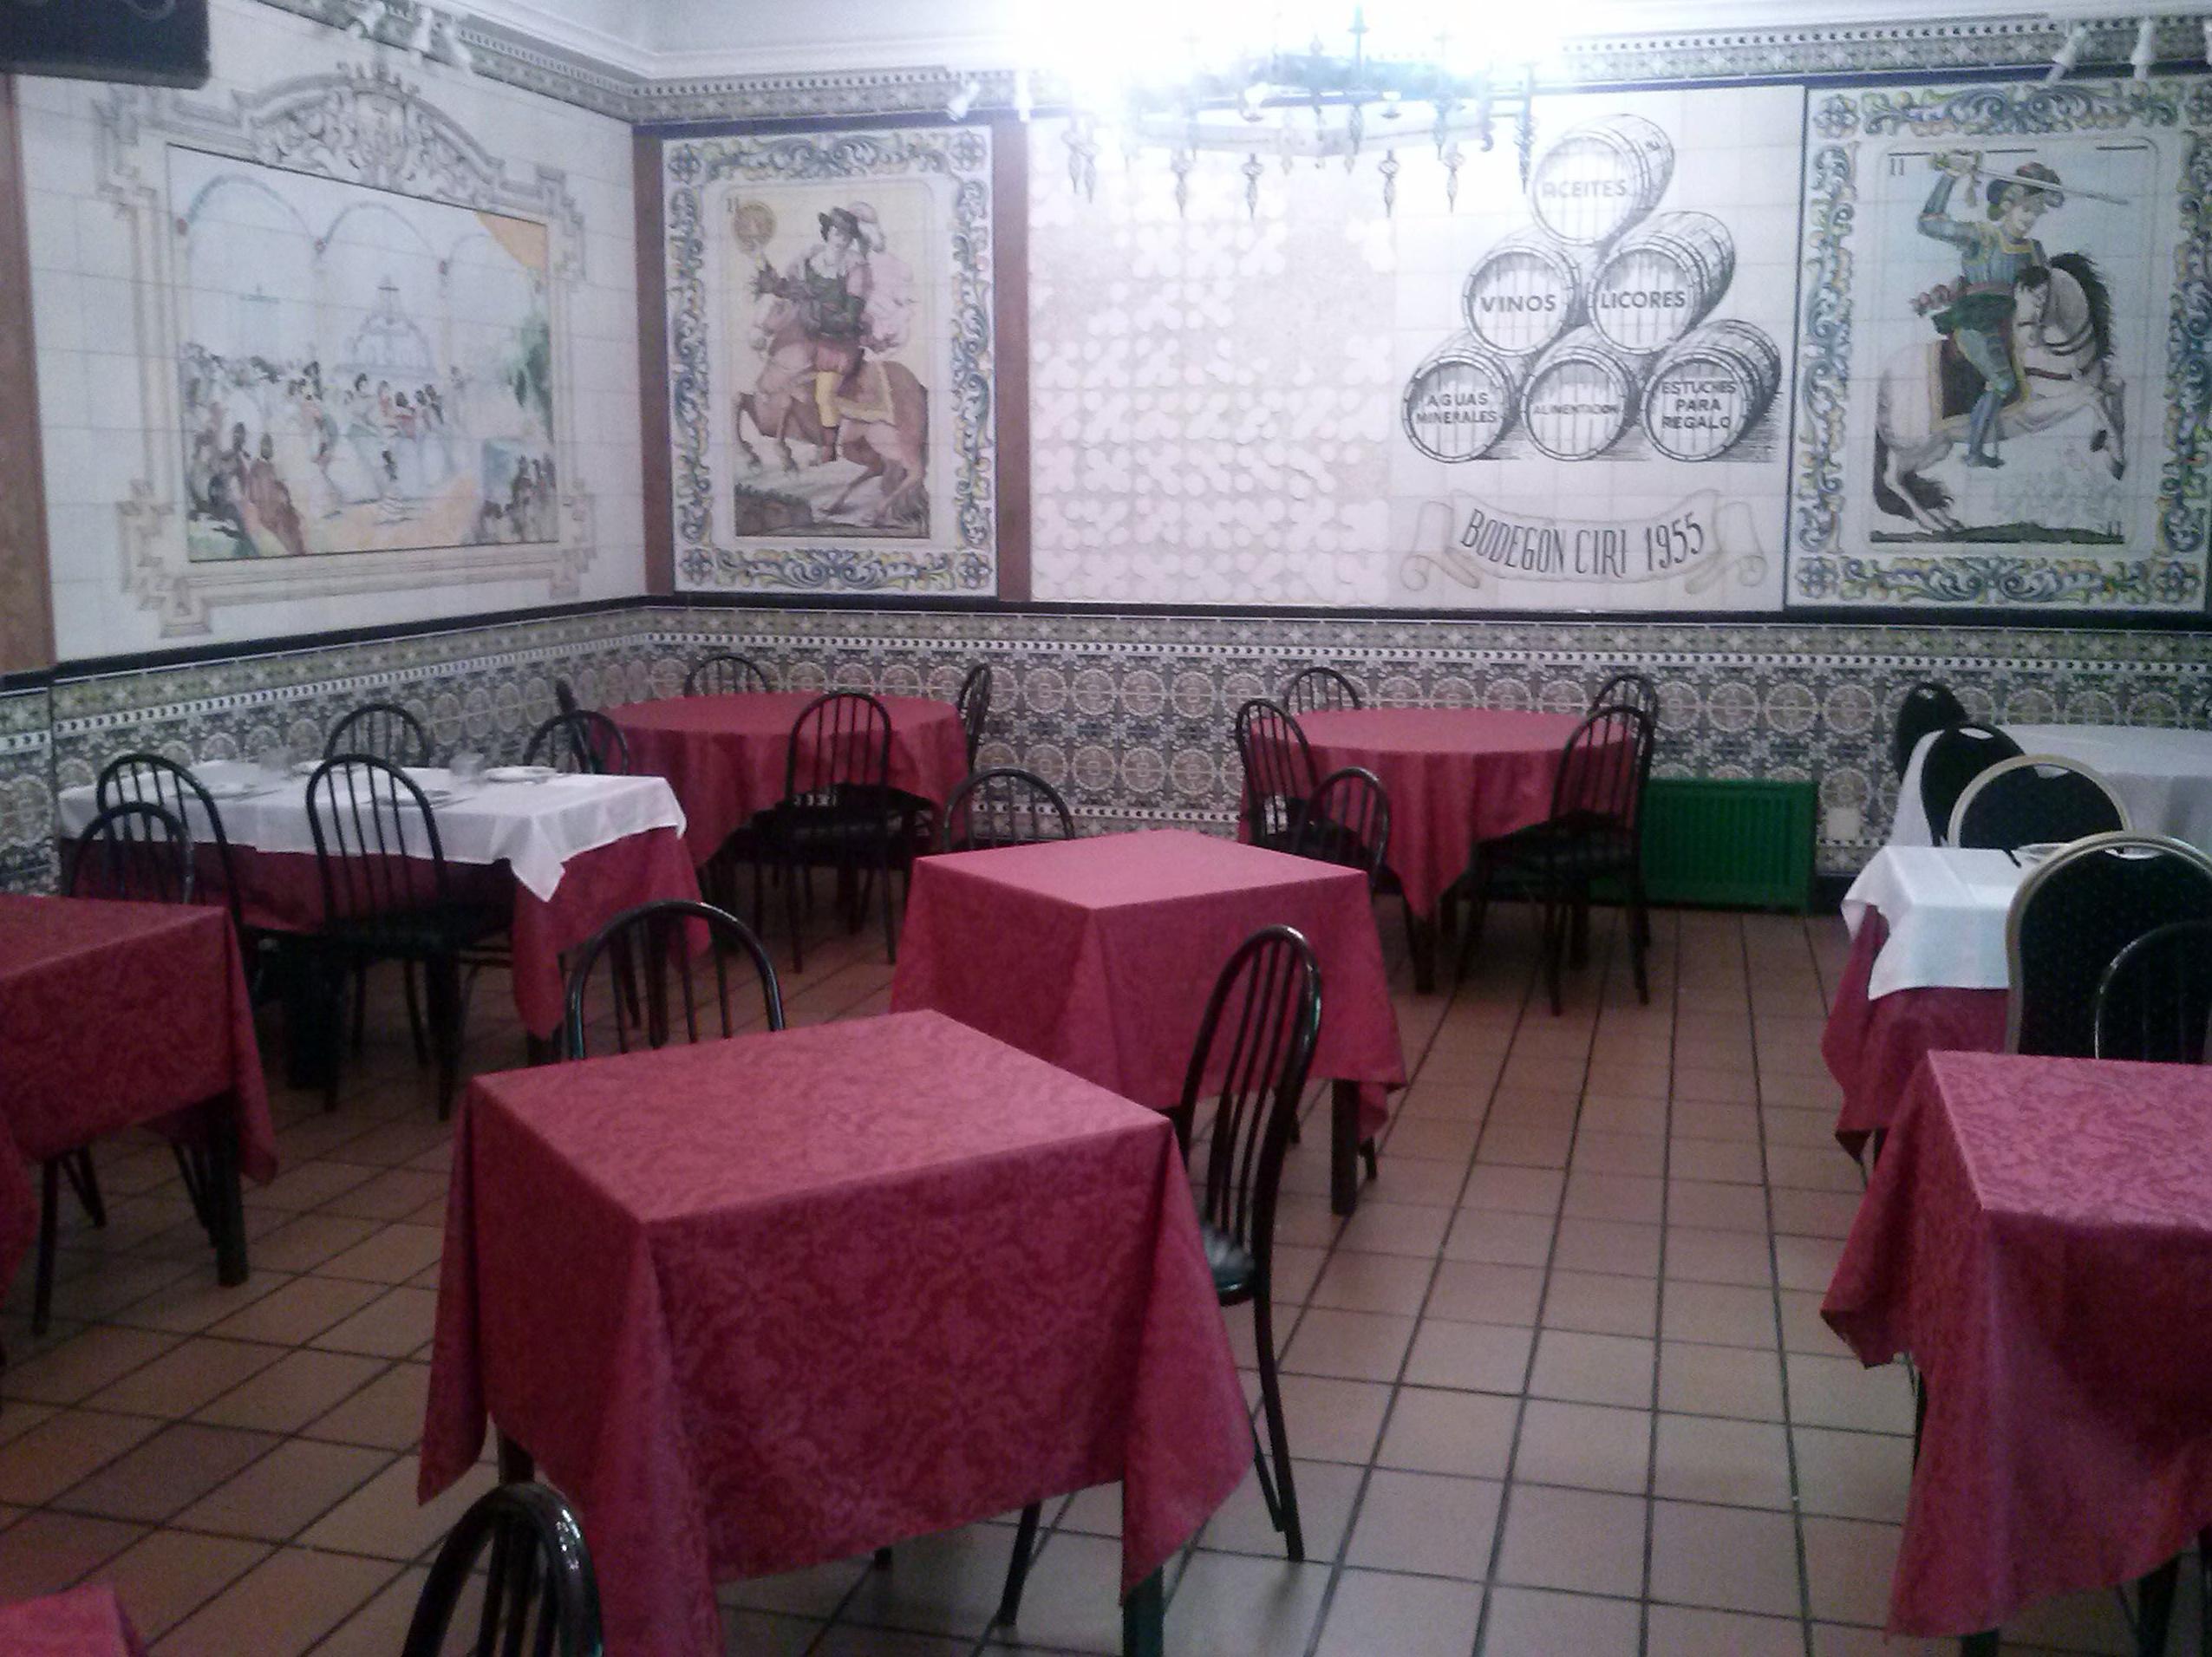 Restaurante Bodegon Ciri cocina tradicional